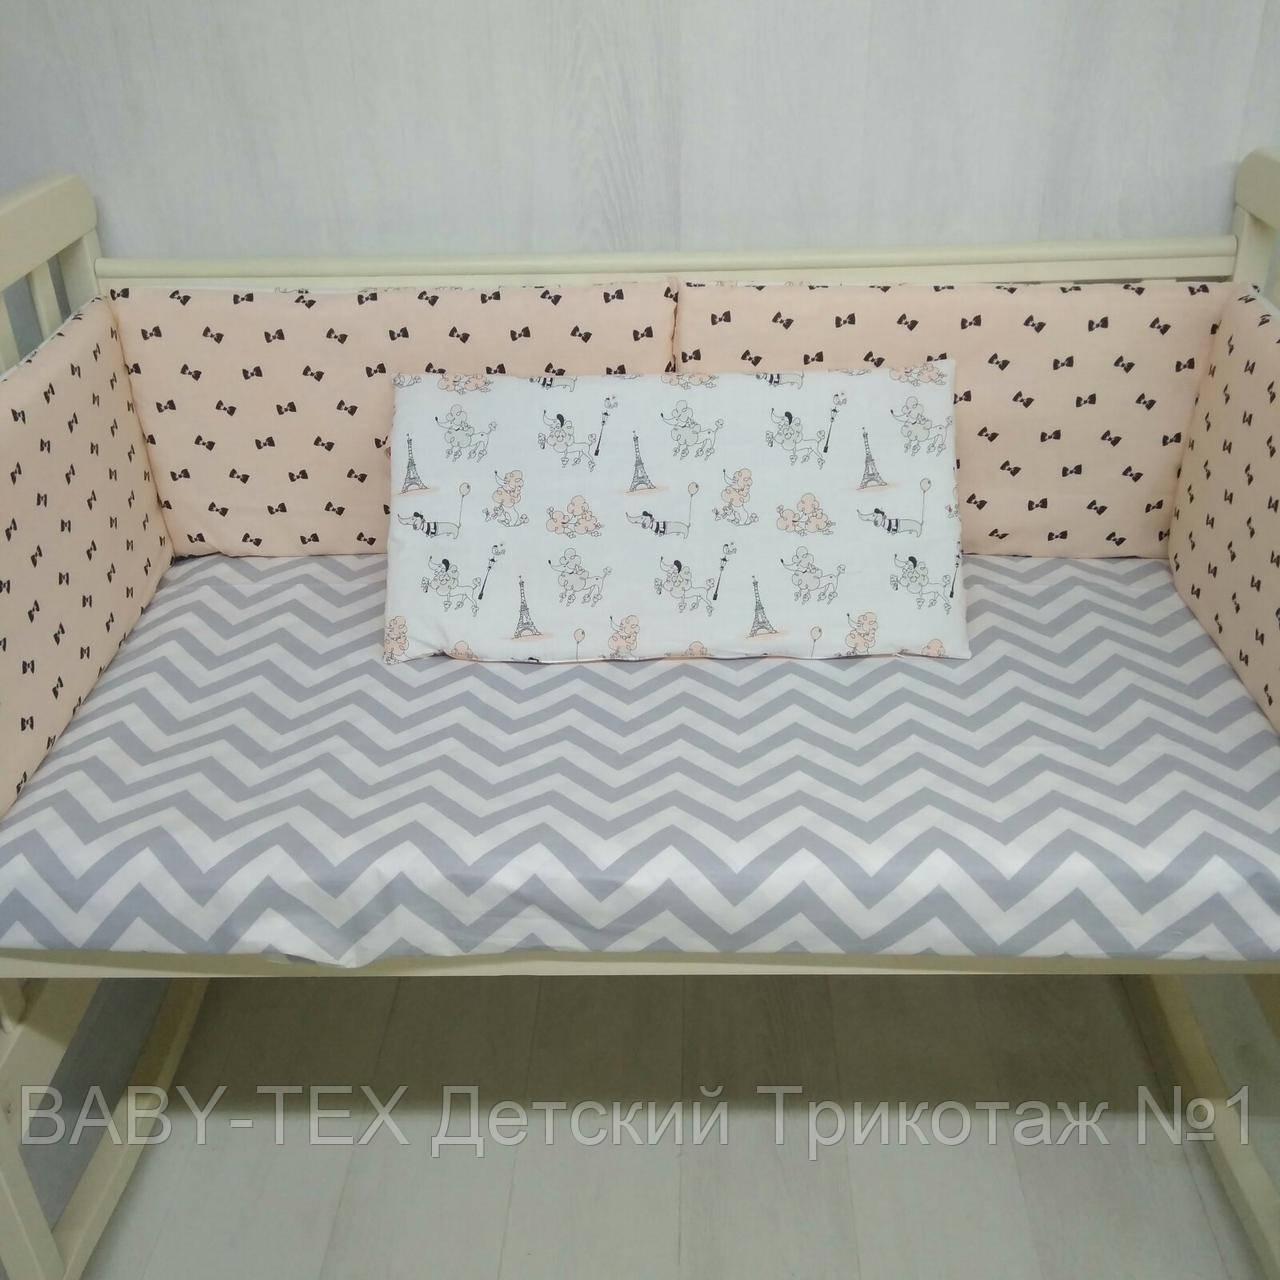 Бортики і набори в ліжечко Т. М. Миля Пуделя в Парижі 60см х 35 см в комплекті 6 шт. (504)